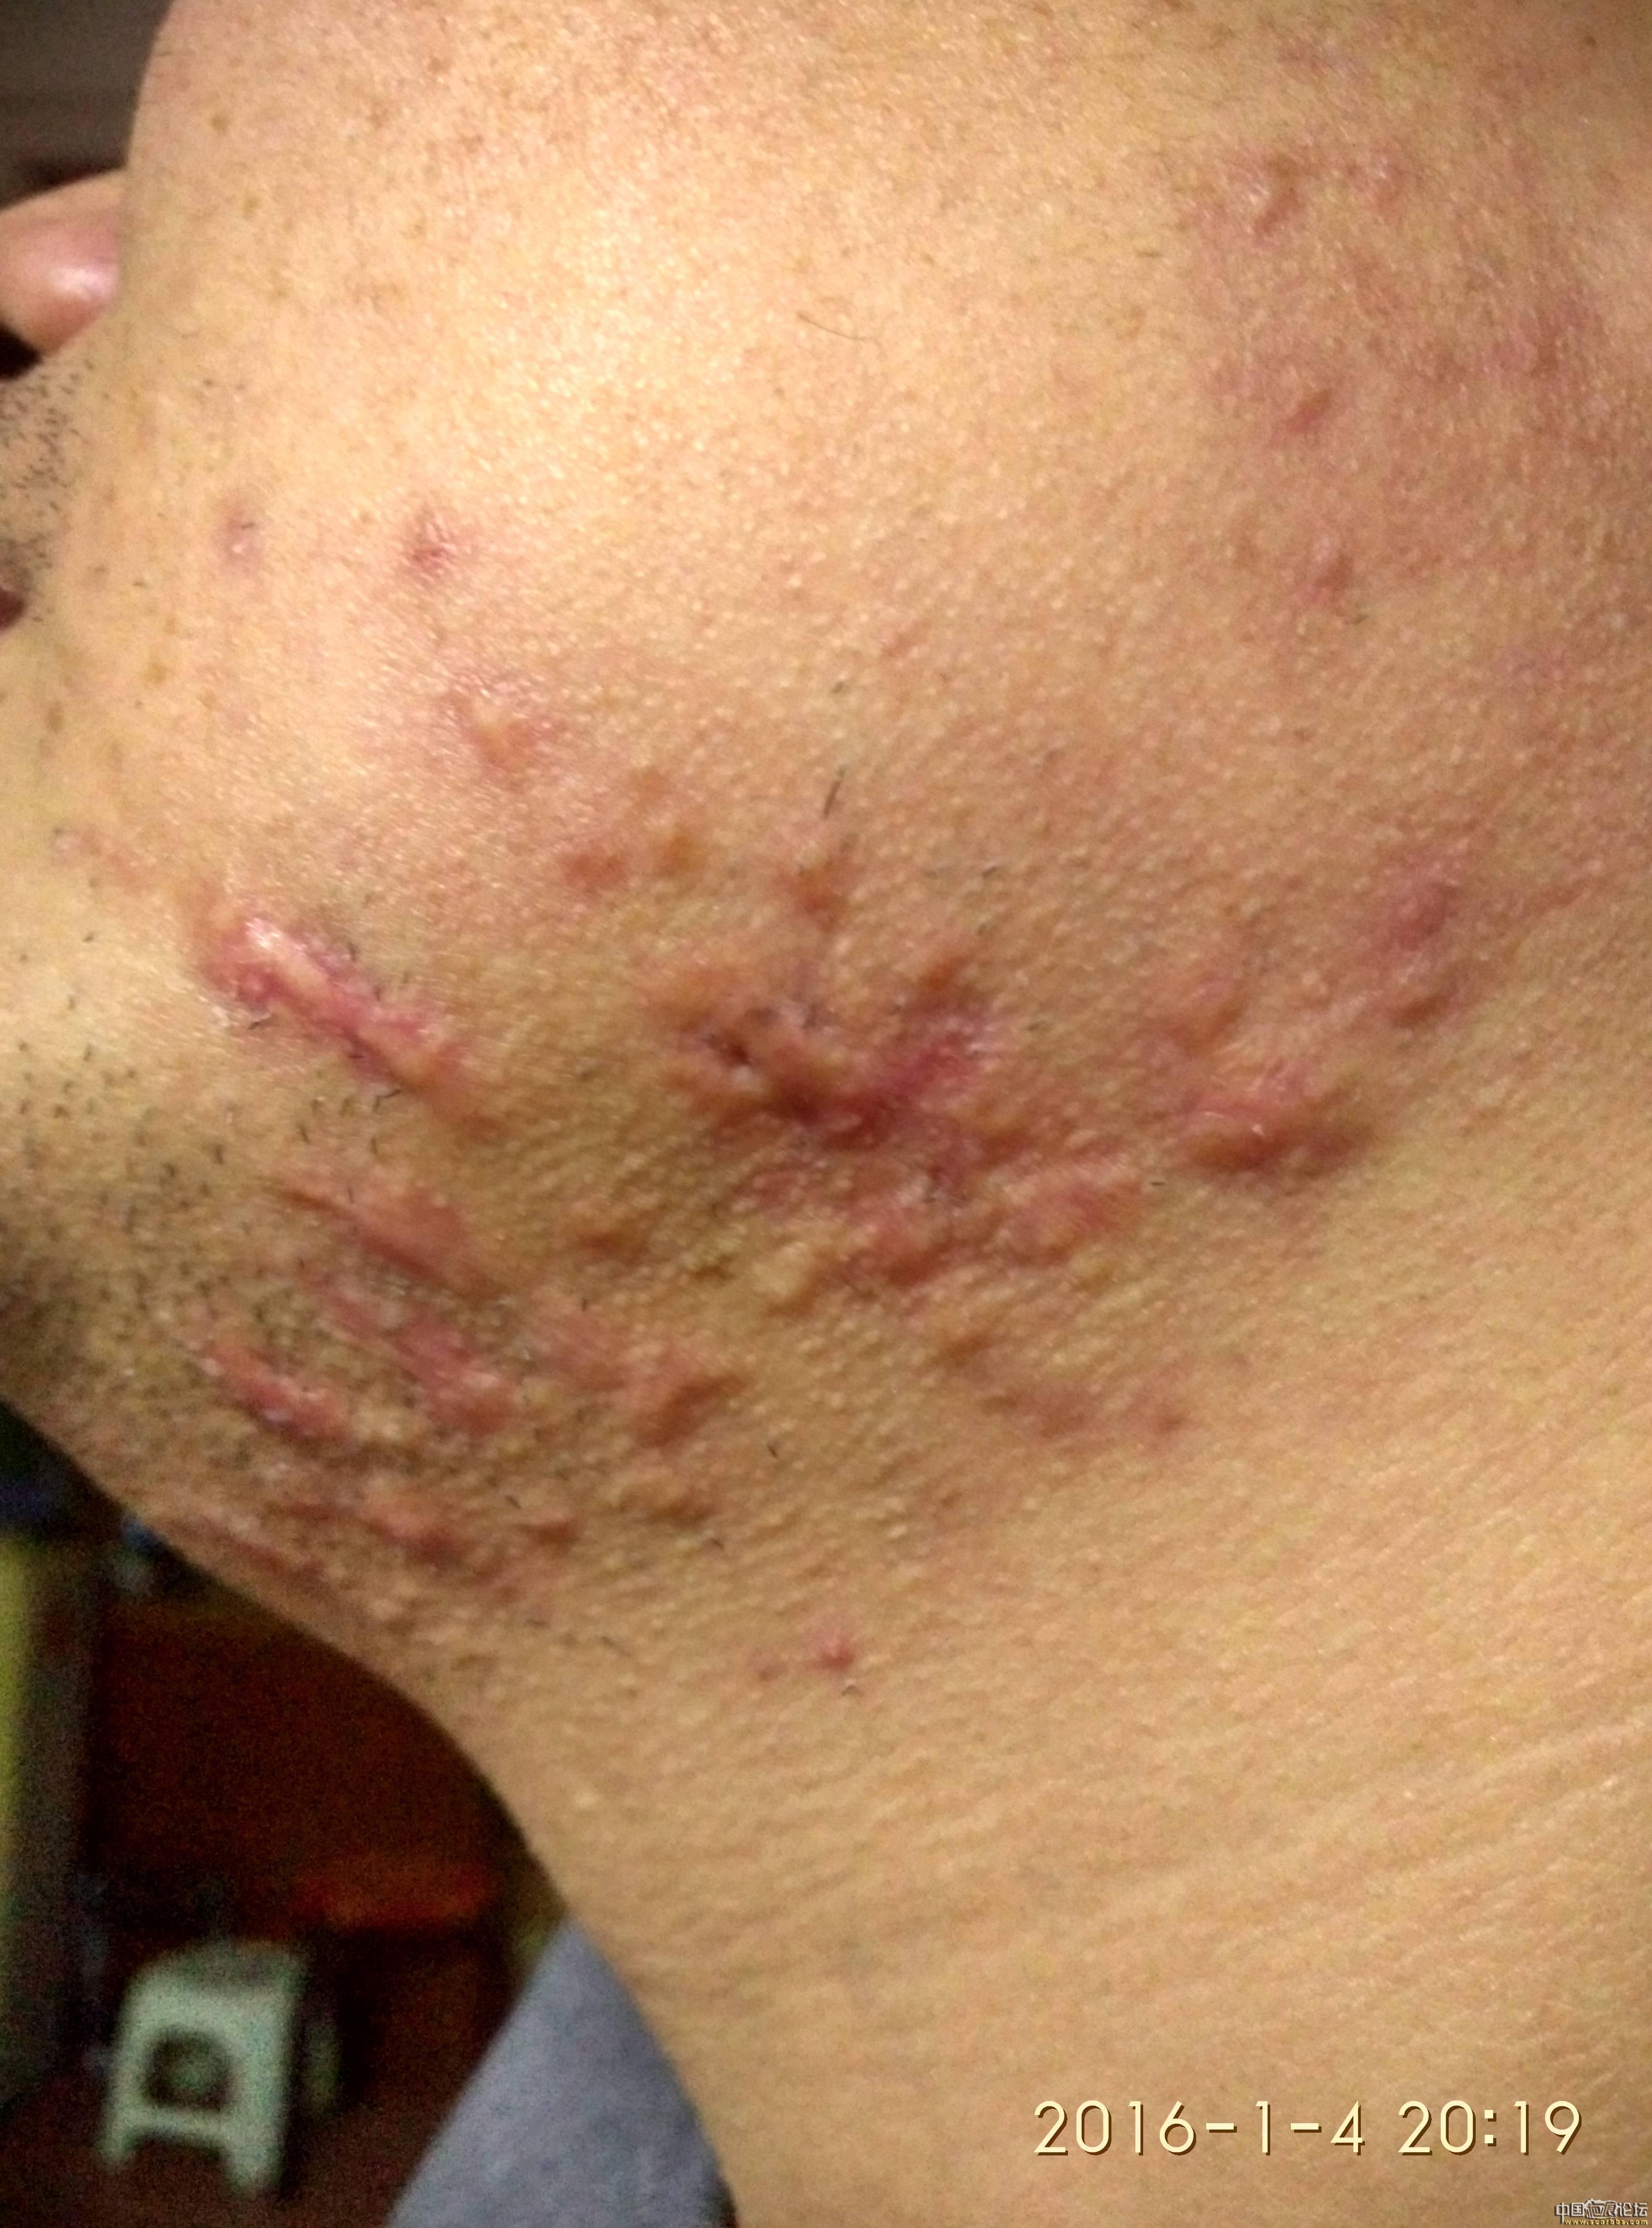 陪伴4年的腮部疤痕疙瘩治疗效果分享23-疤痕体质图片_疤痕疙瘩图片-中国疤痕论坛